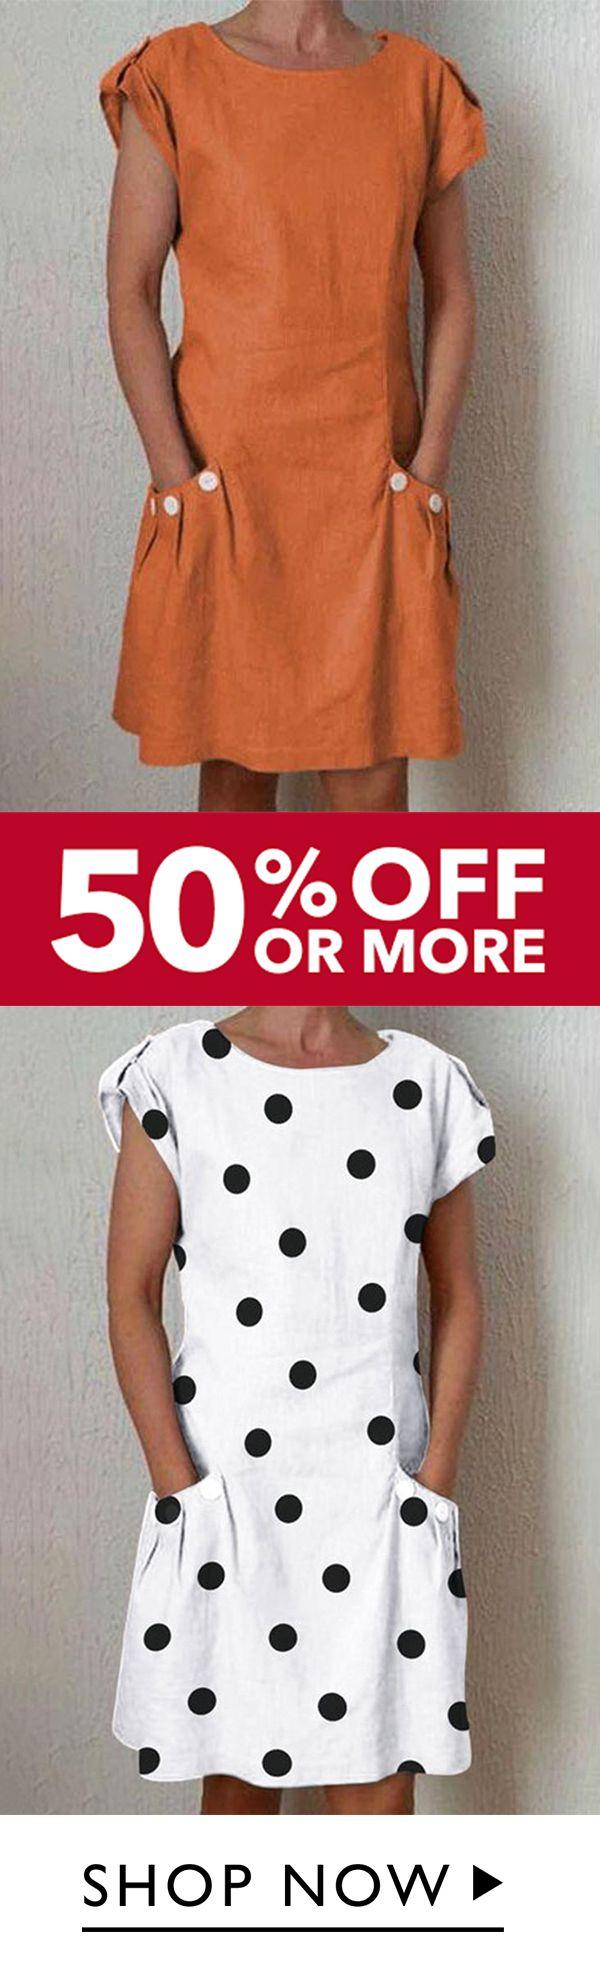 Summer Pockets Linen Plus Size Dresses 2